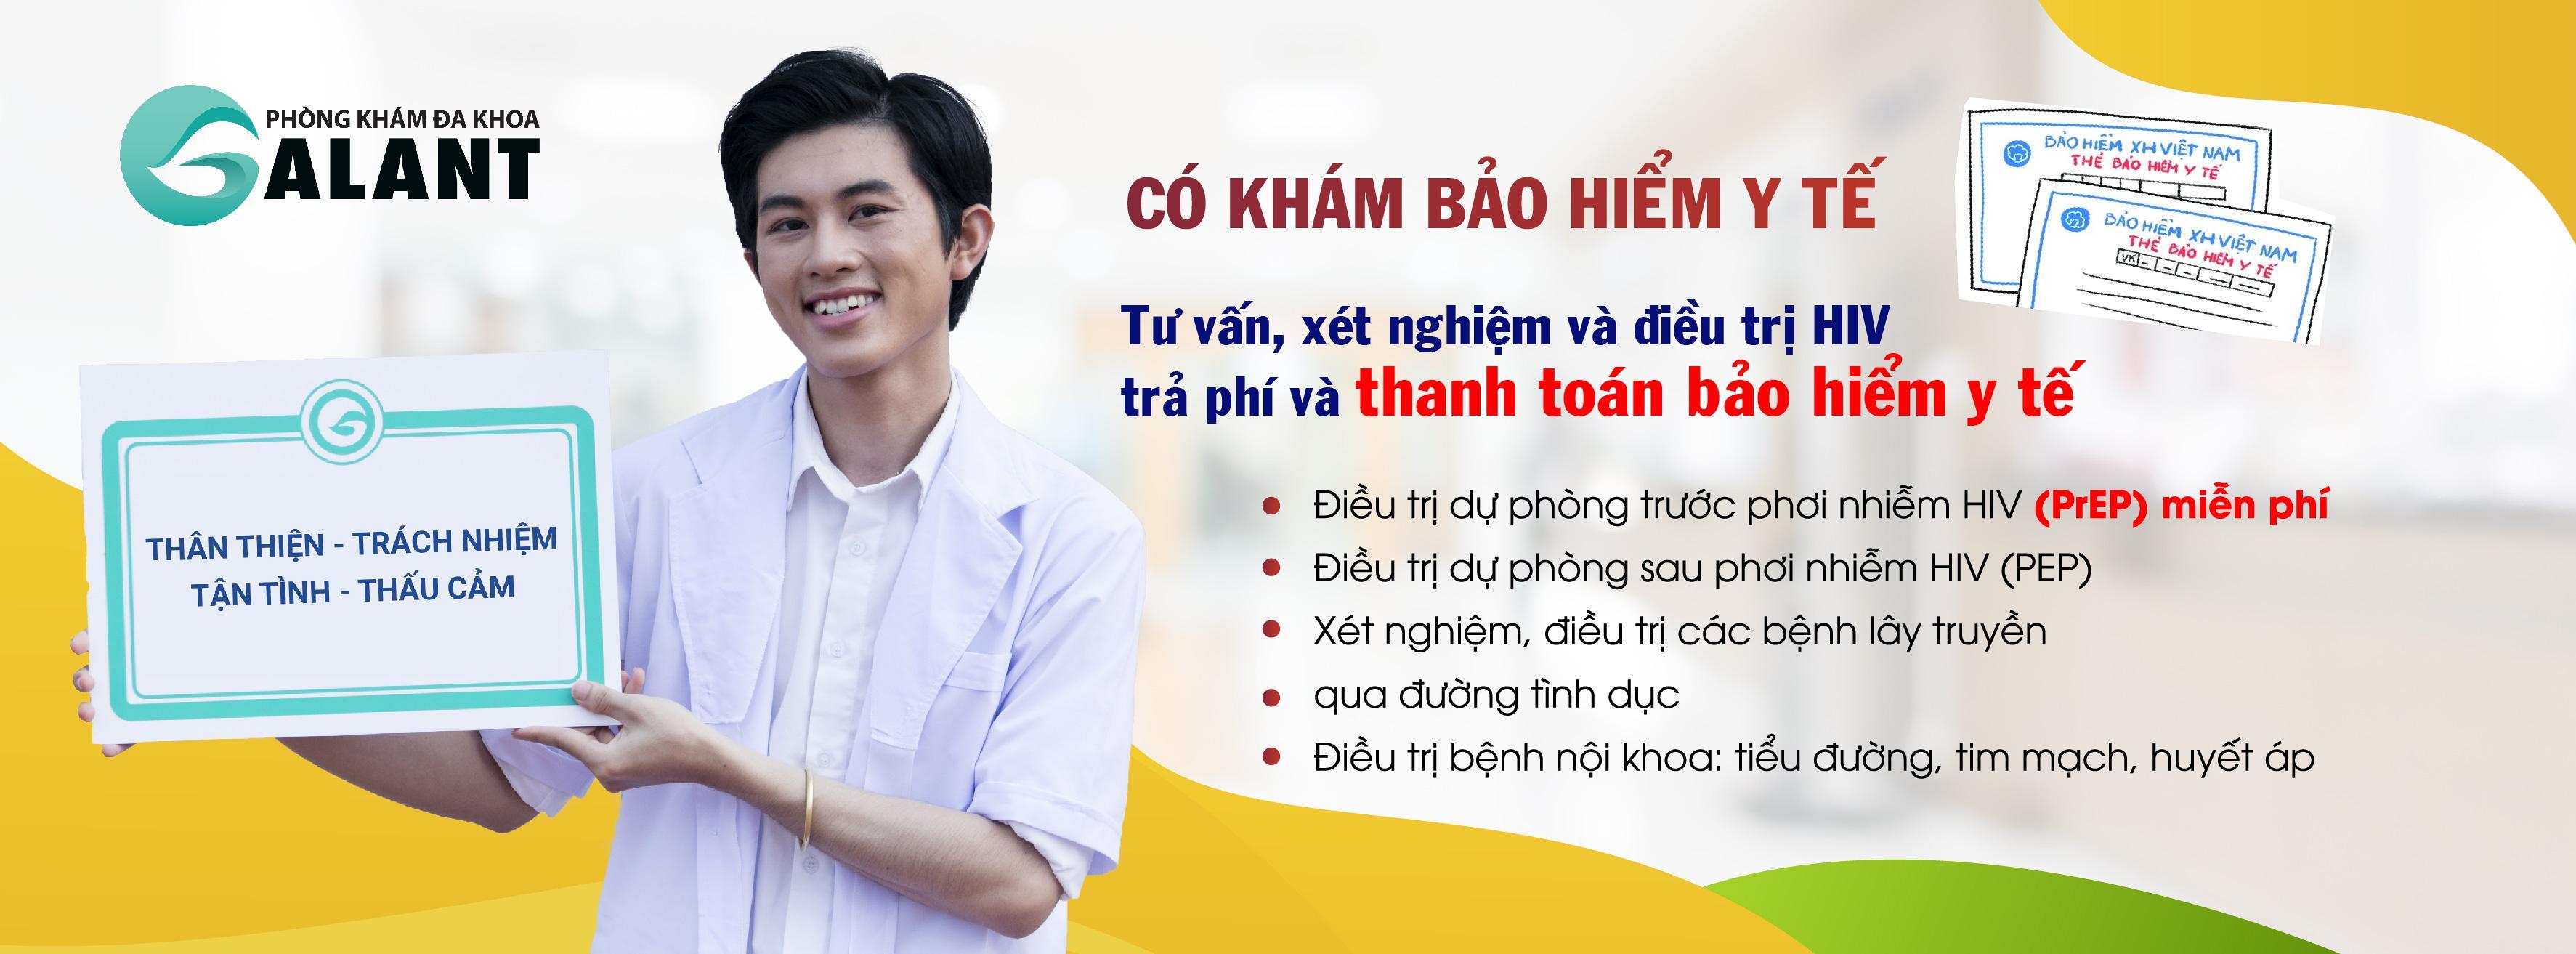 Galant Clinic - Phòng khám cộng đồng cho người yếu thế tại Việt Nam